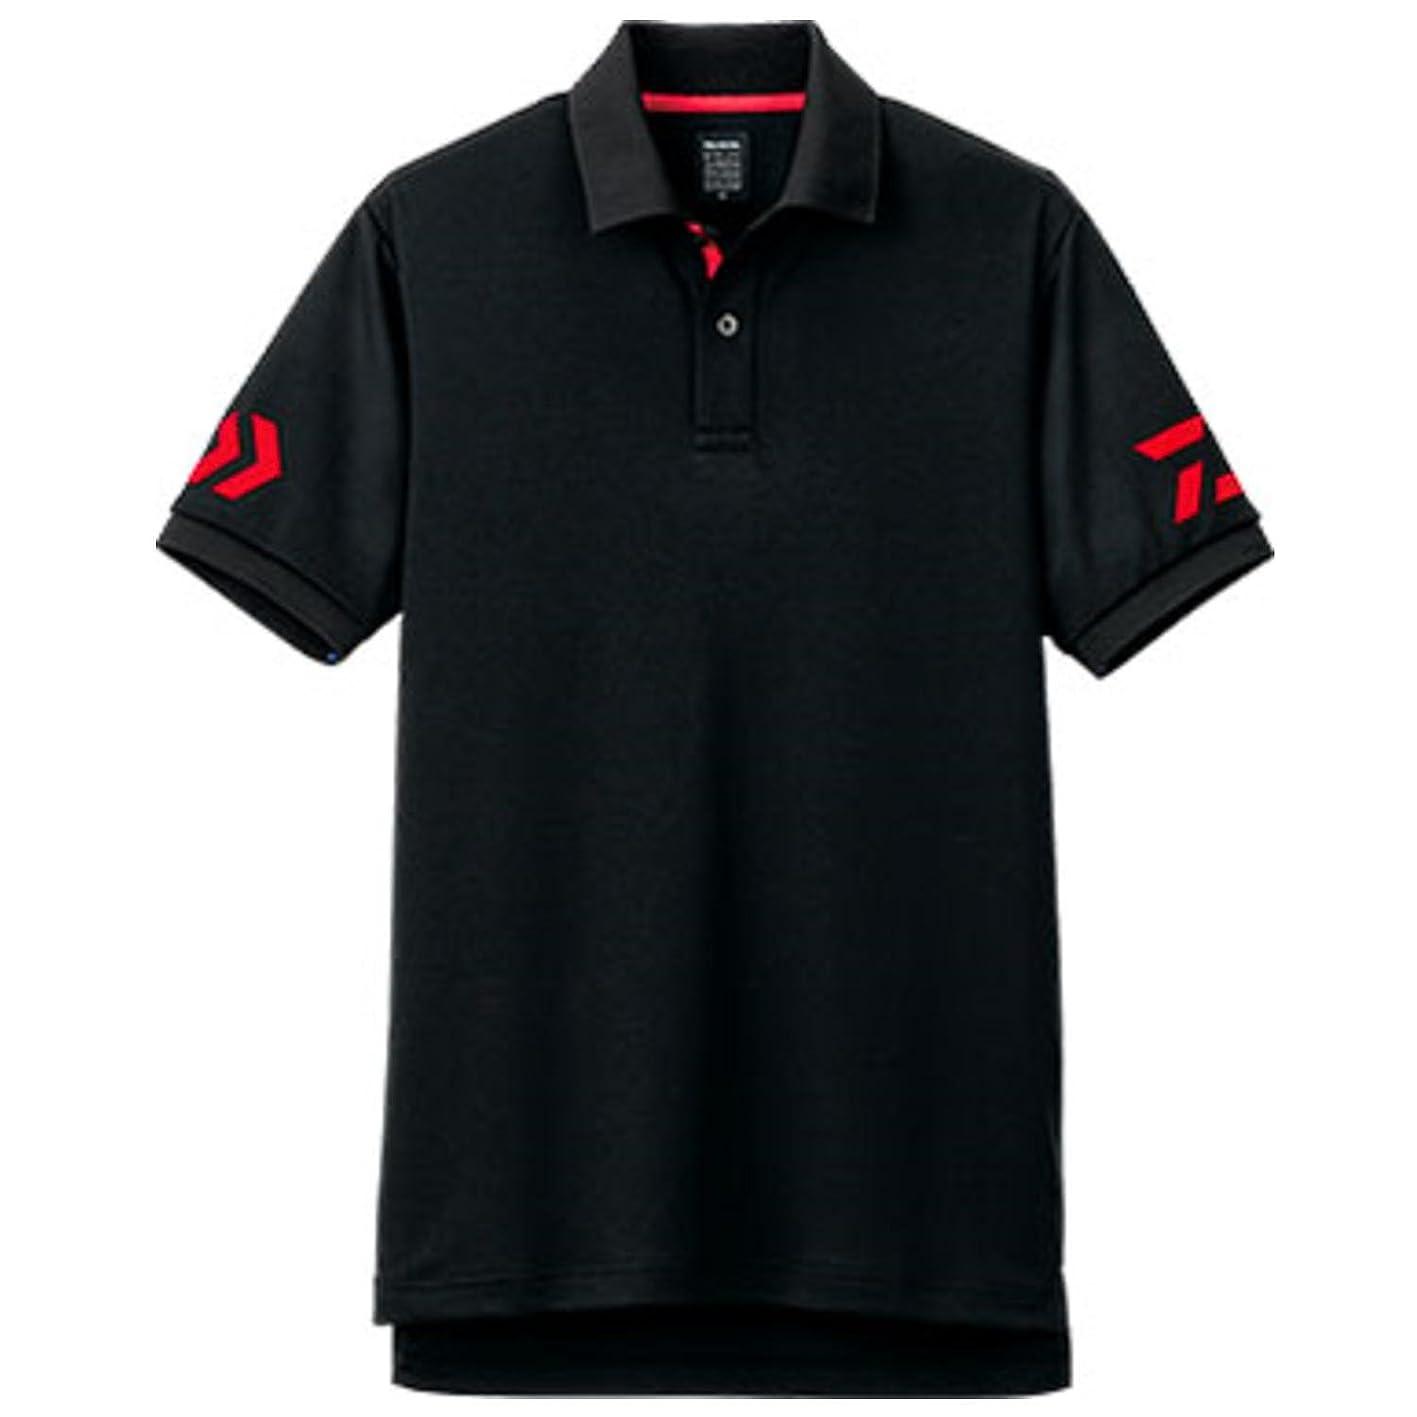 単なる相互接続取得するダイワ(Daiwa) 釣り シャツ 半袖 ポロシャツ DE-7906